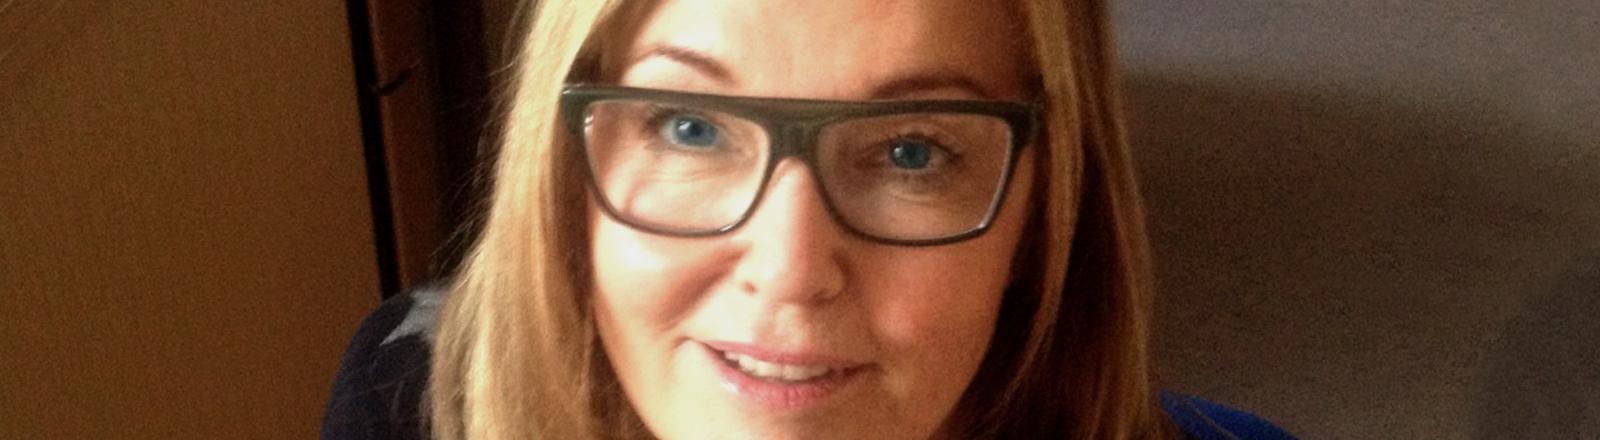 Birgit Meinecke lächelt in die Kamera